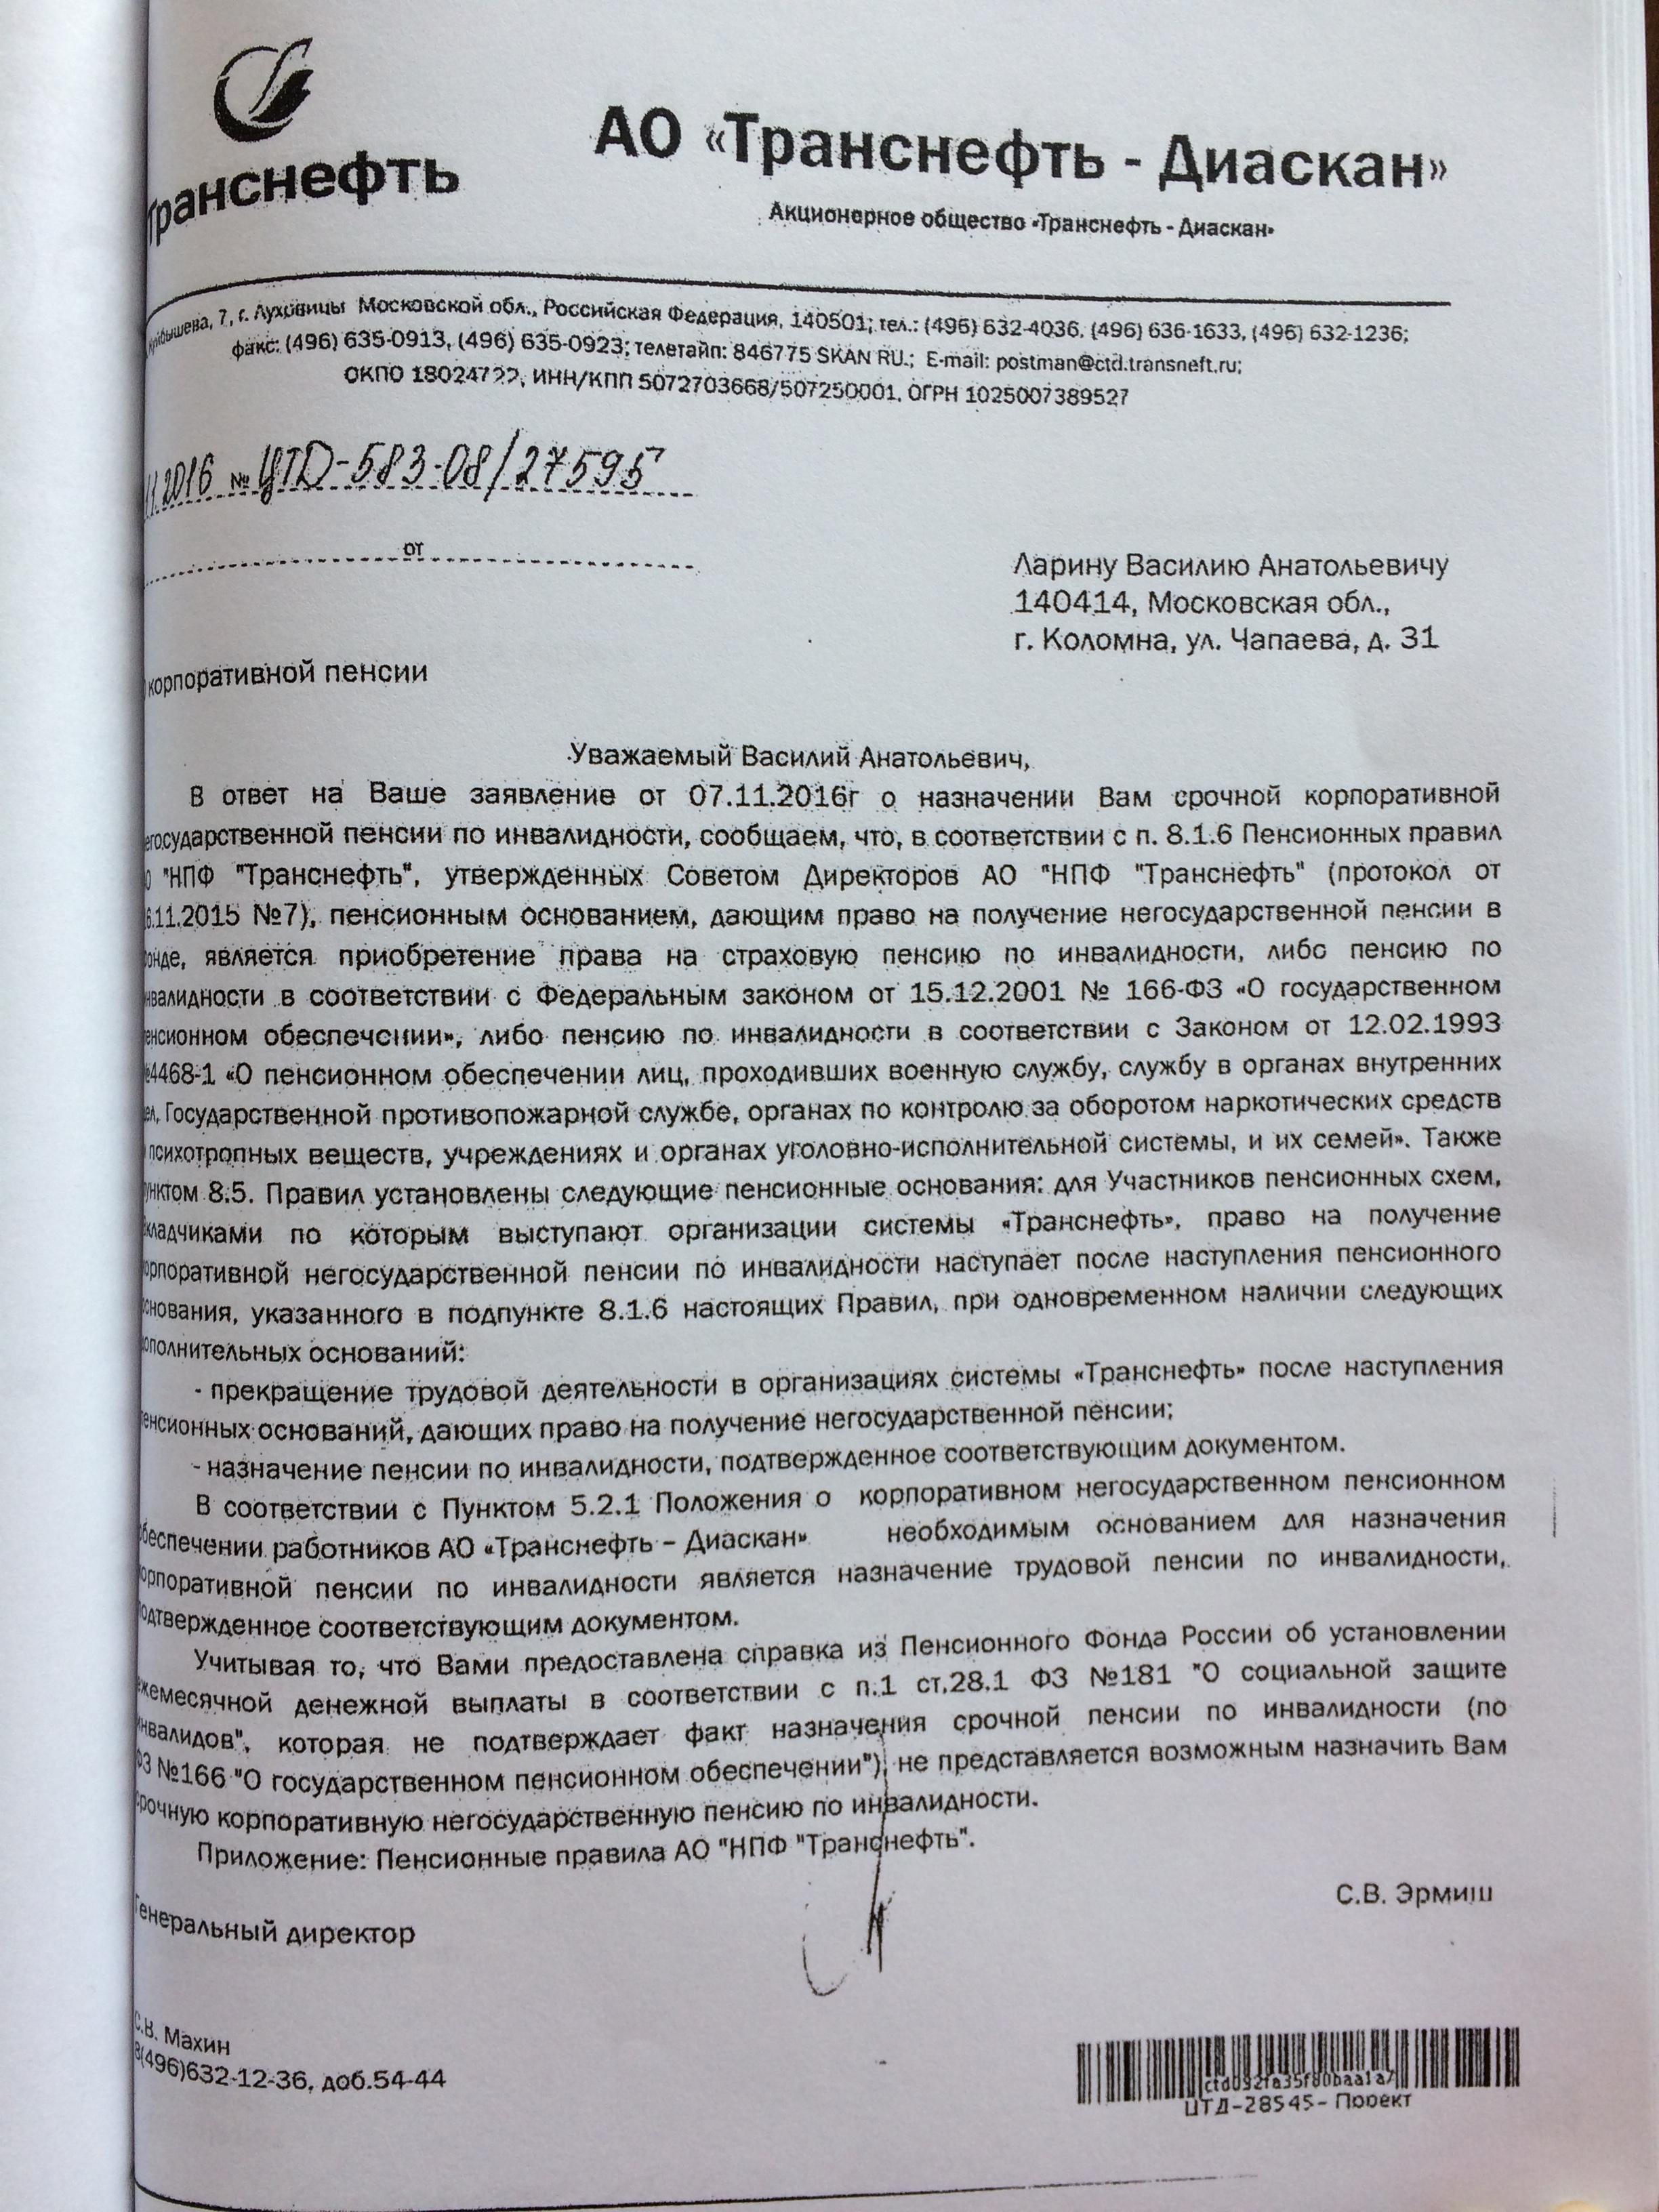 Фото документов проверки Луховицкой городской прокуратурой - 46 (5)